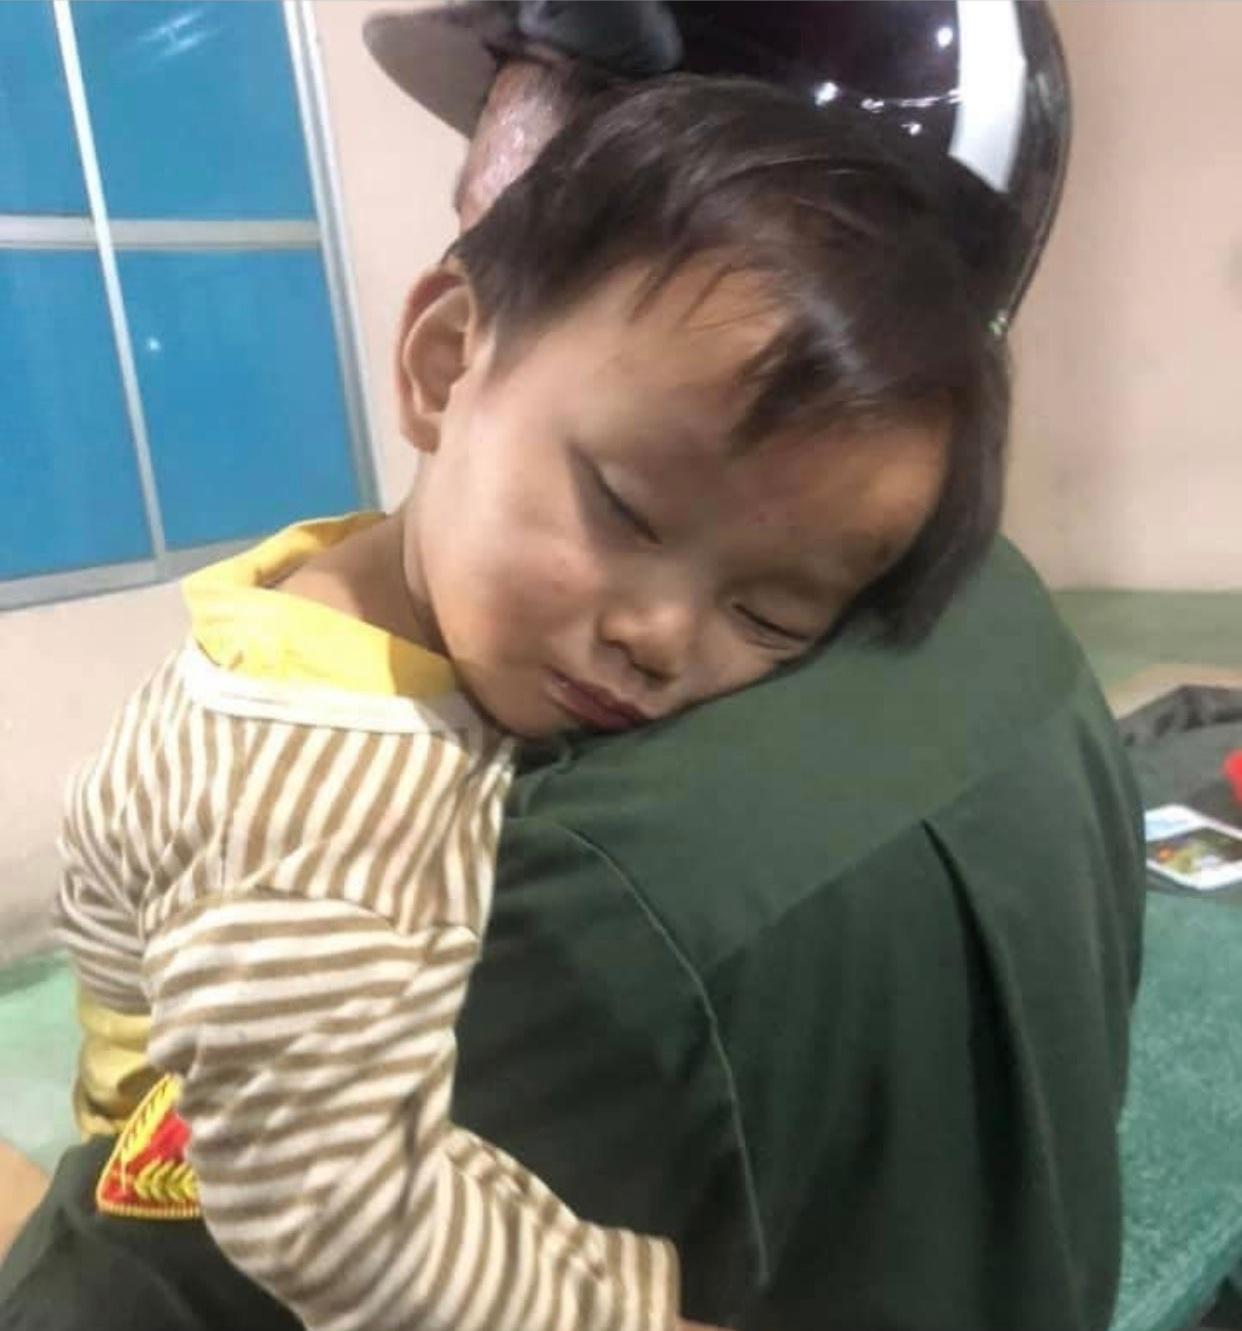 Thông tin mới vụ bé trai bị bỏ bên đường: Mẹ bị tâm thần, cậu ruột đến nhận cháu - Ảnh 2.